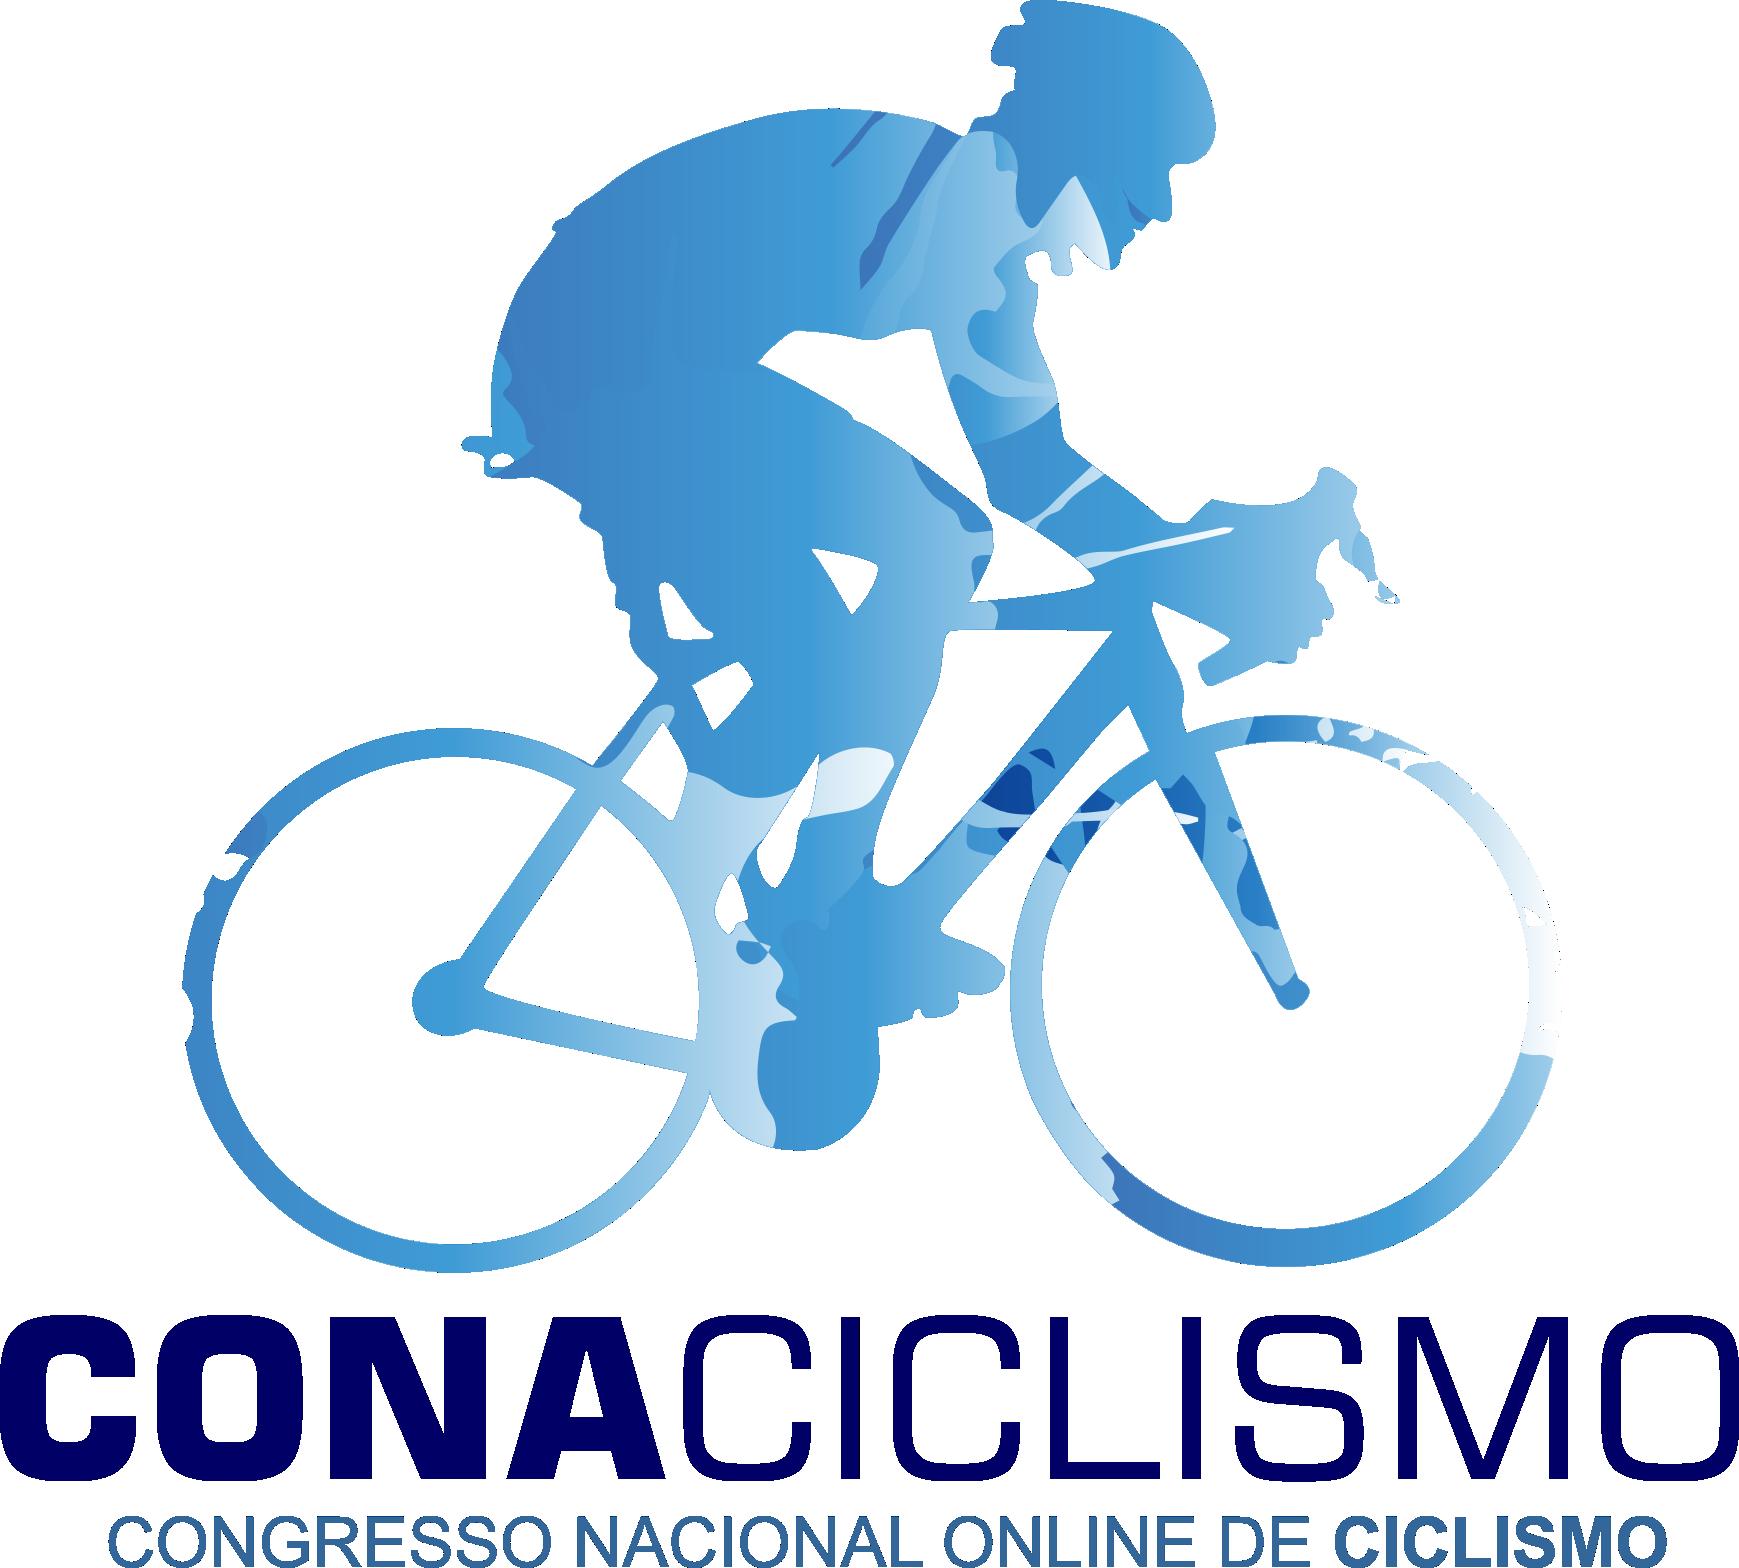 congresso nacional de ciclismo